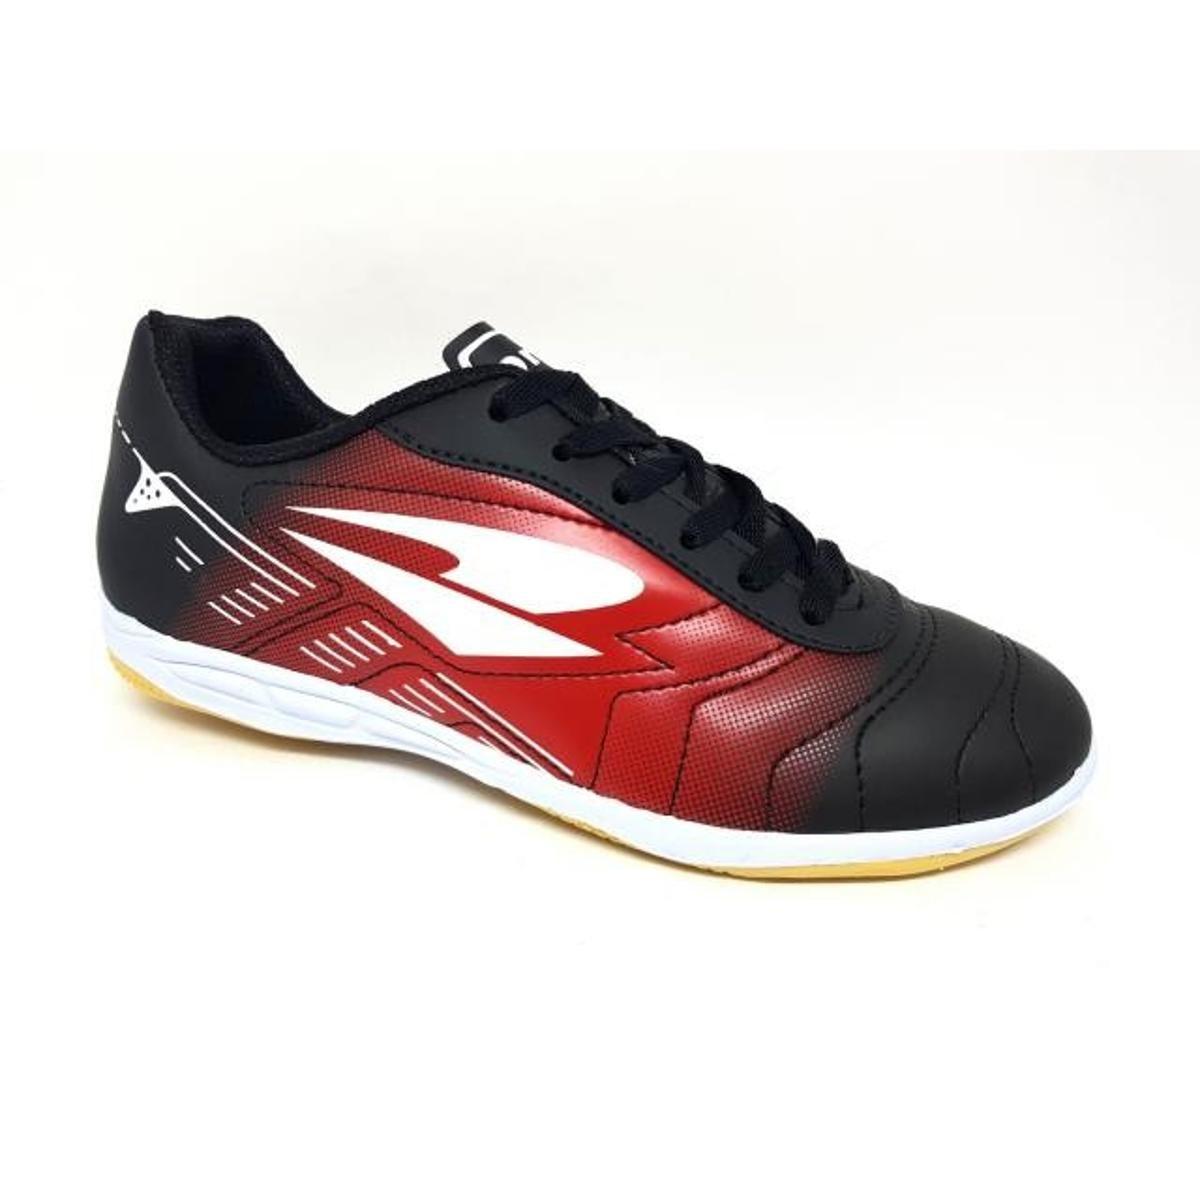 0394b7a37 Chuteira Futsal Dray Foorcy V - Preto e Vermelho